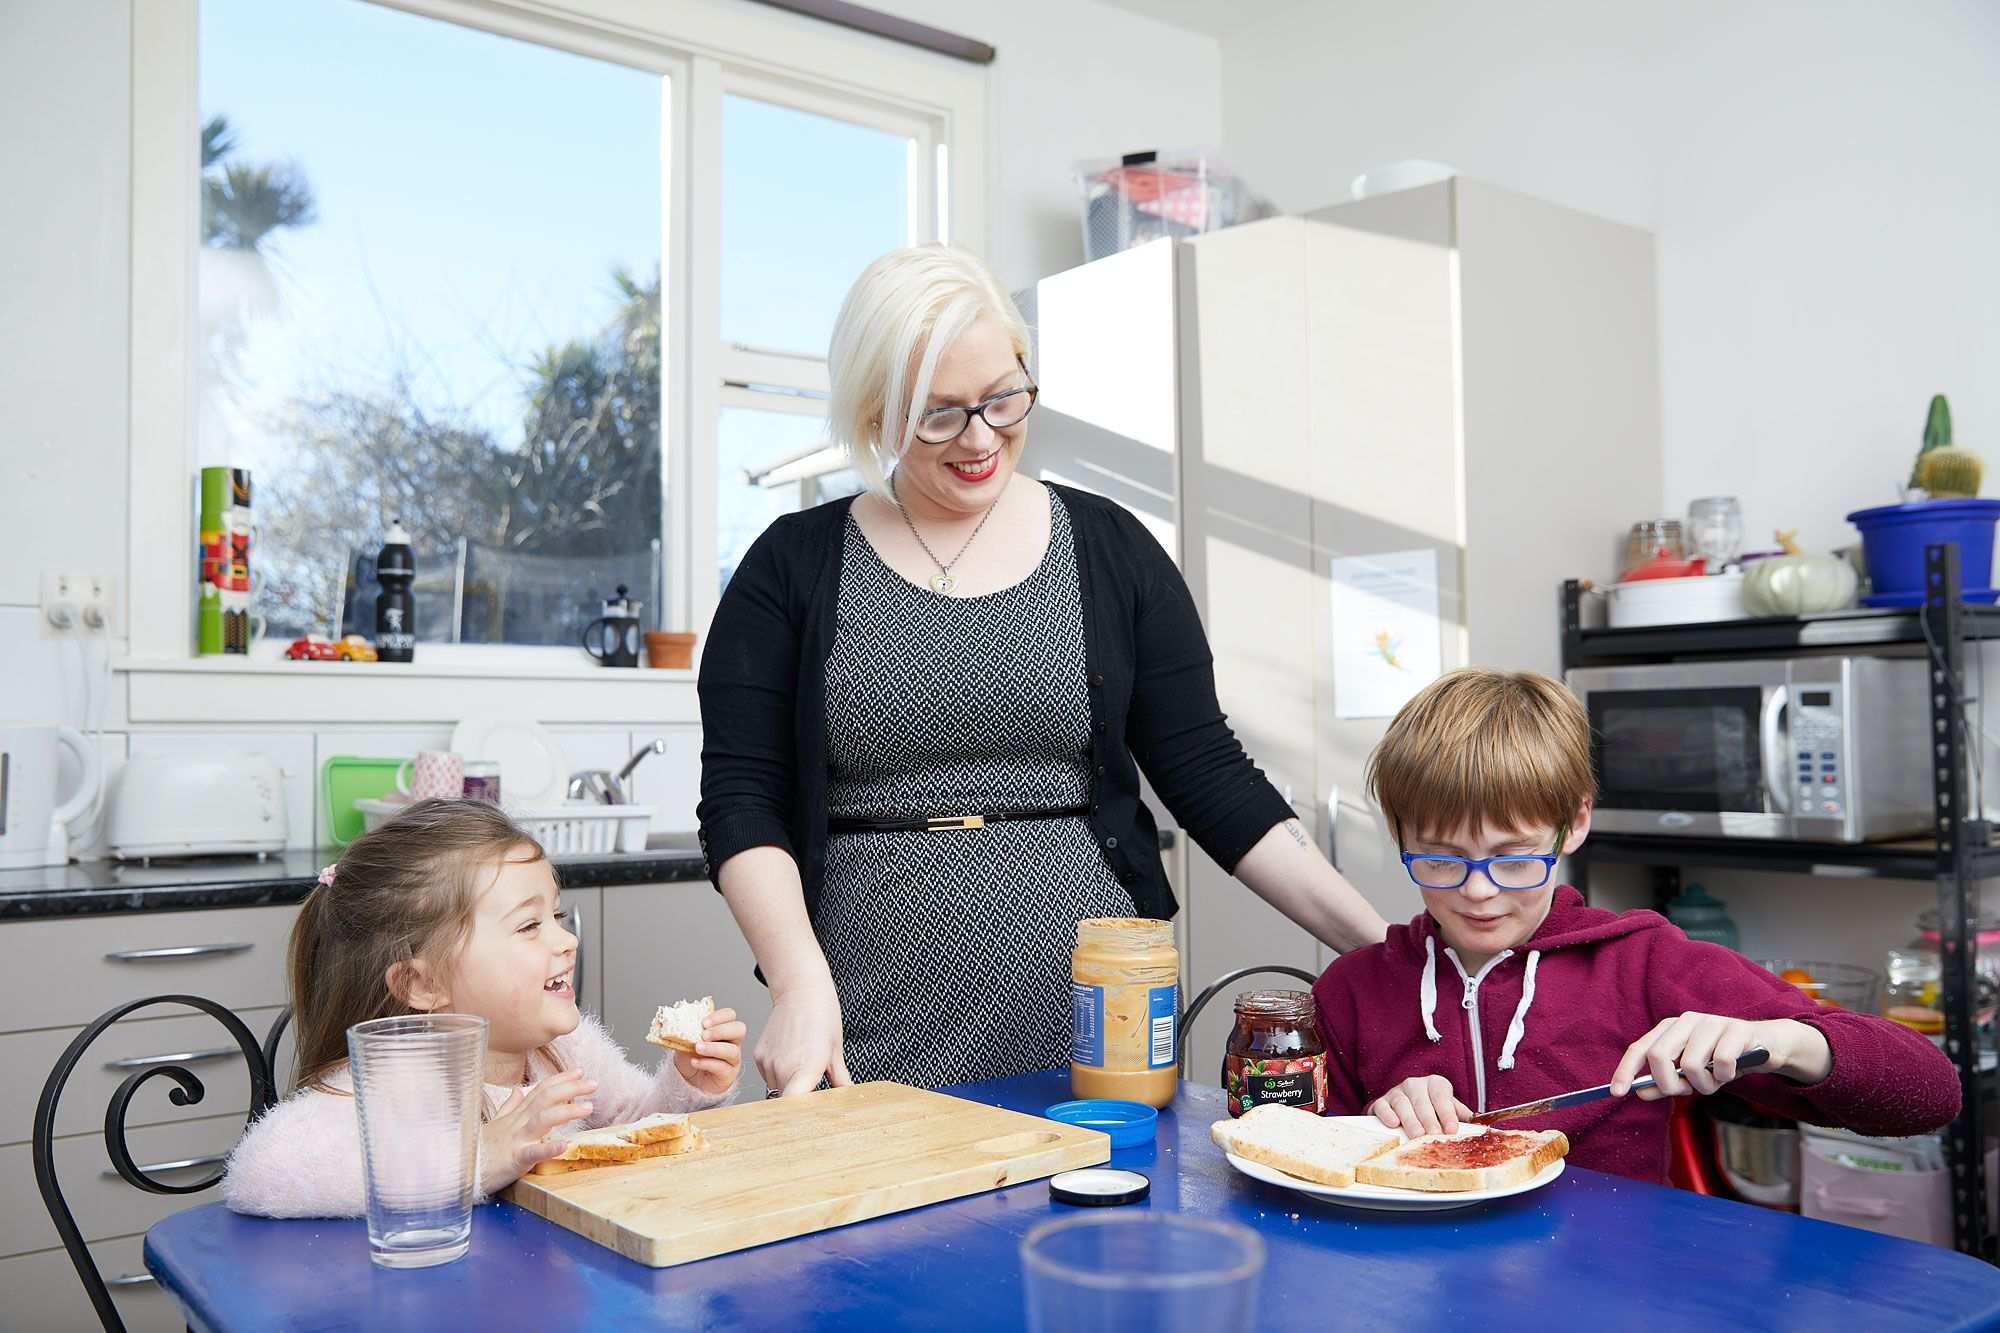 Loren prepares lunch with her children